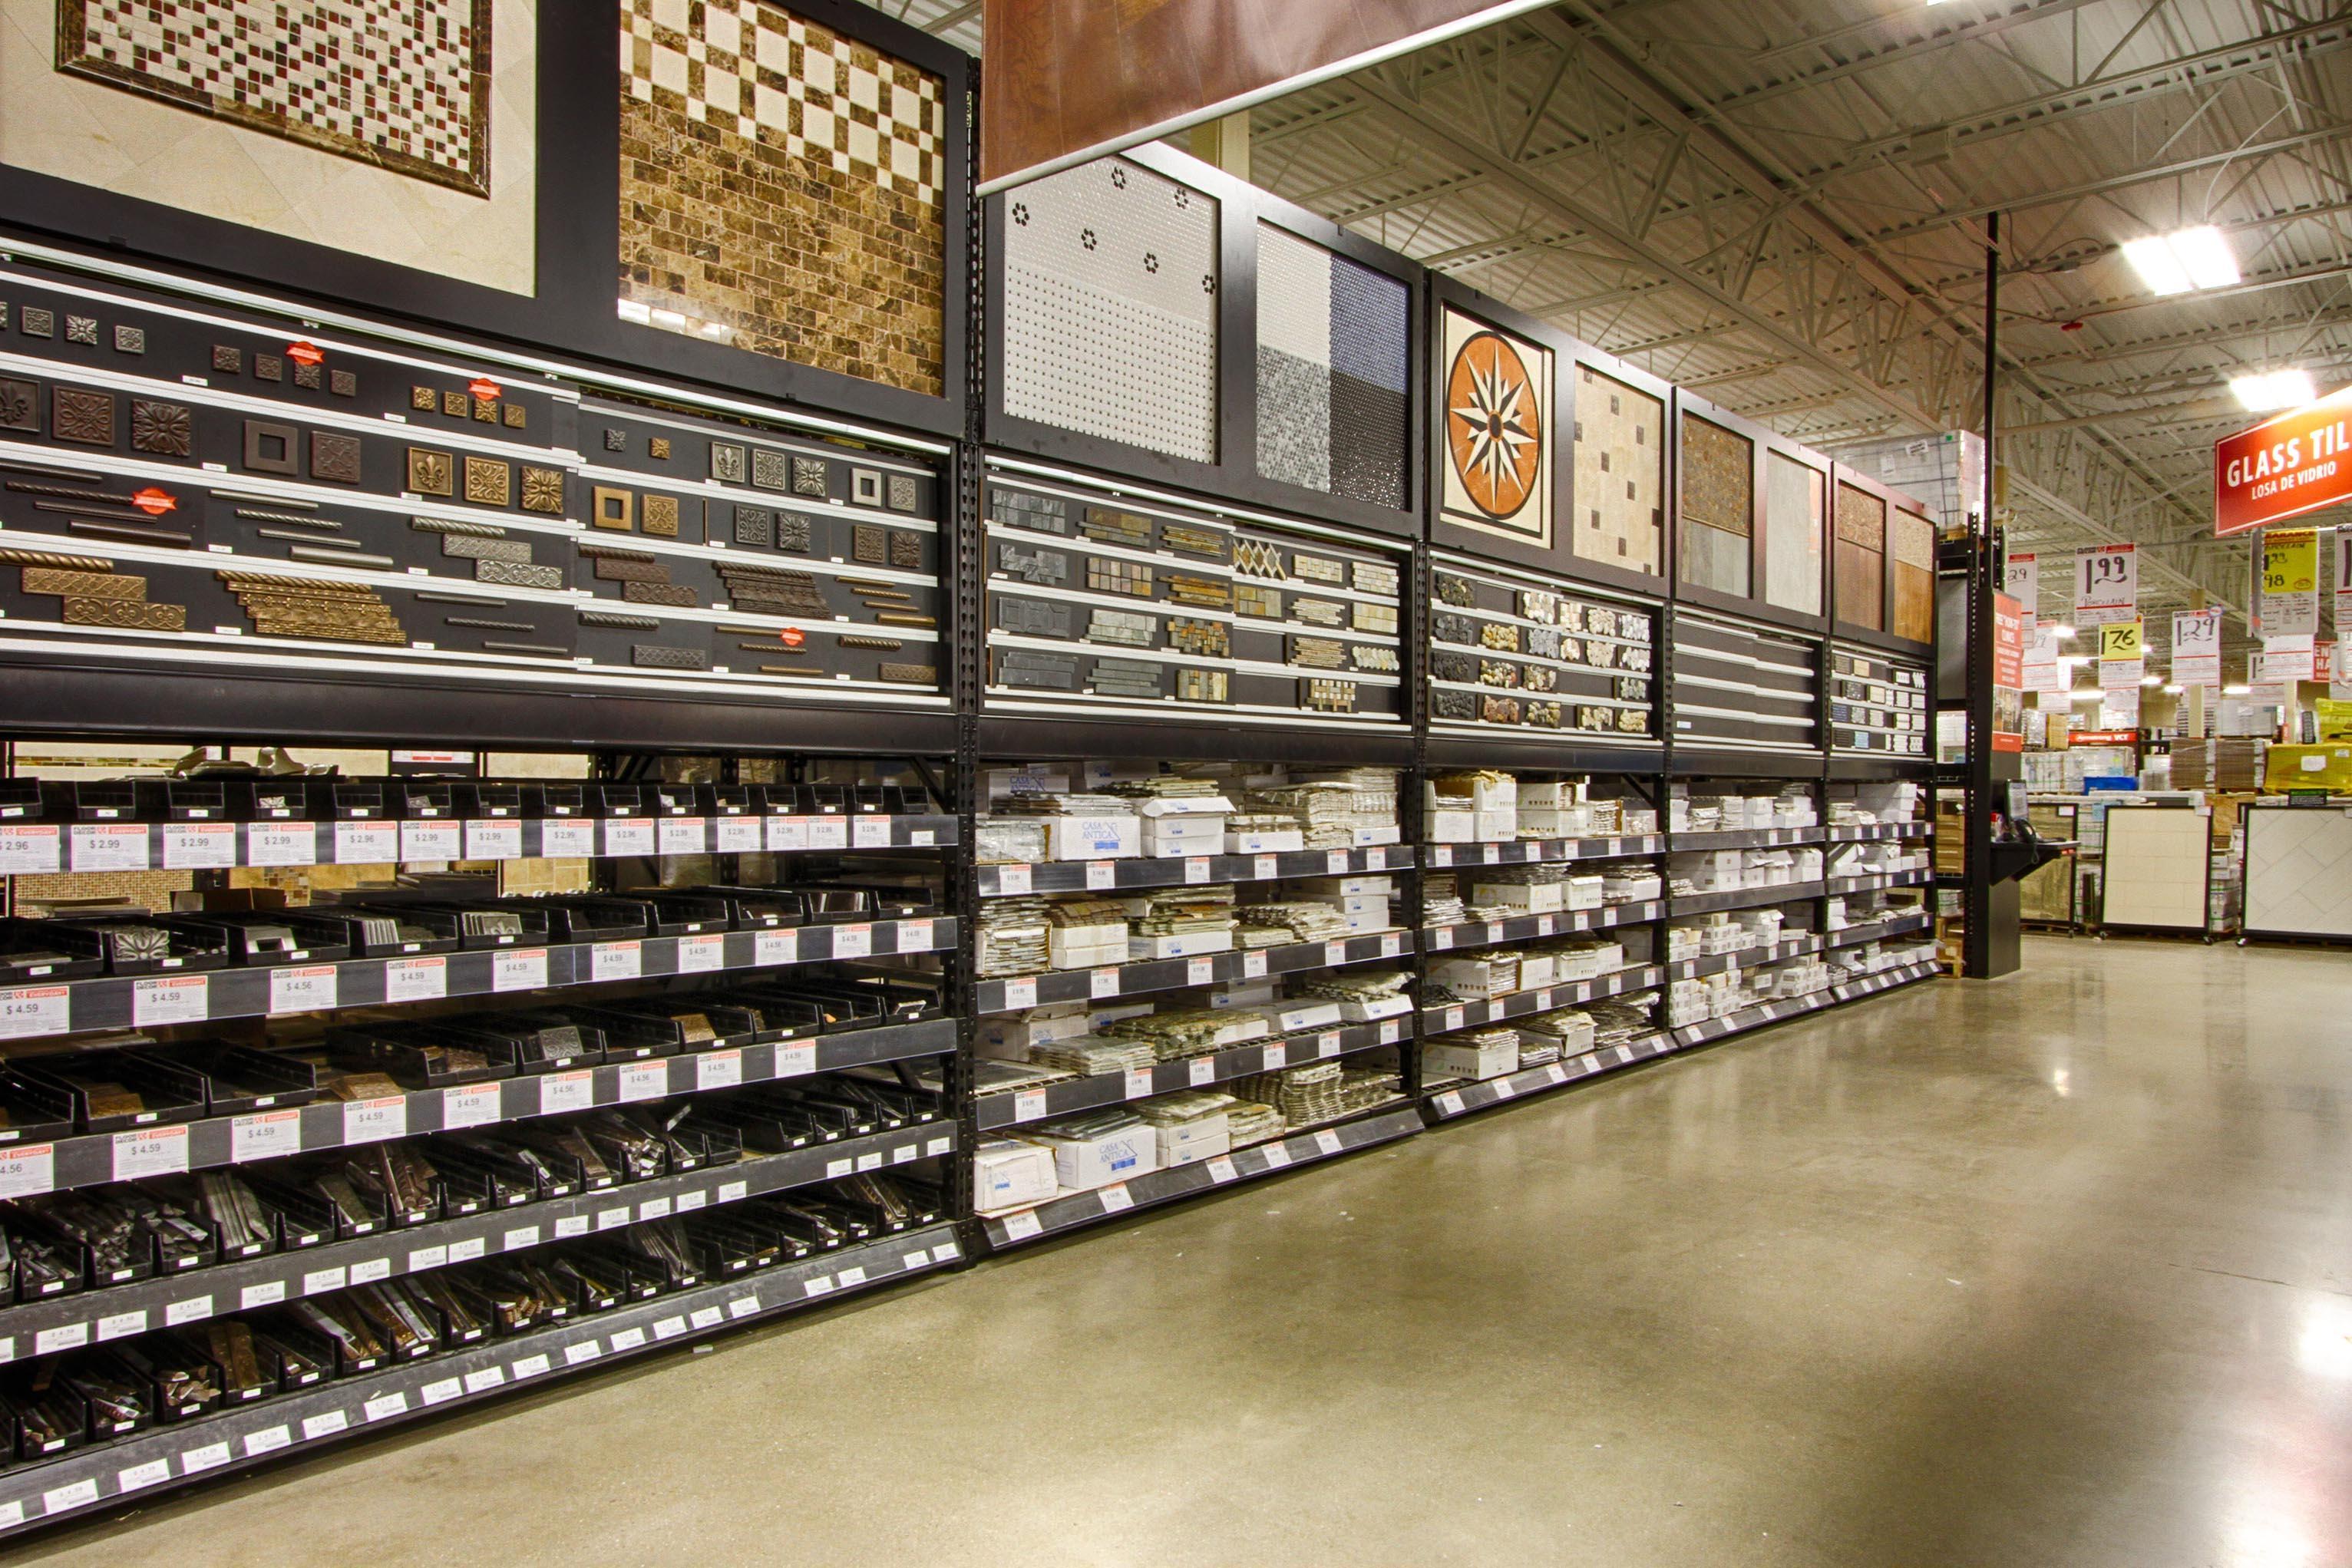 Floor & Decor image 16